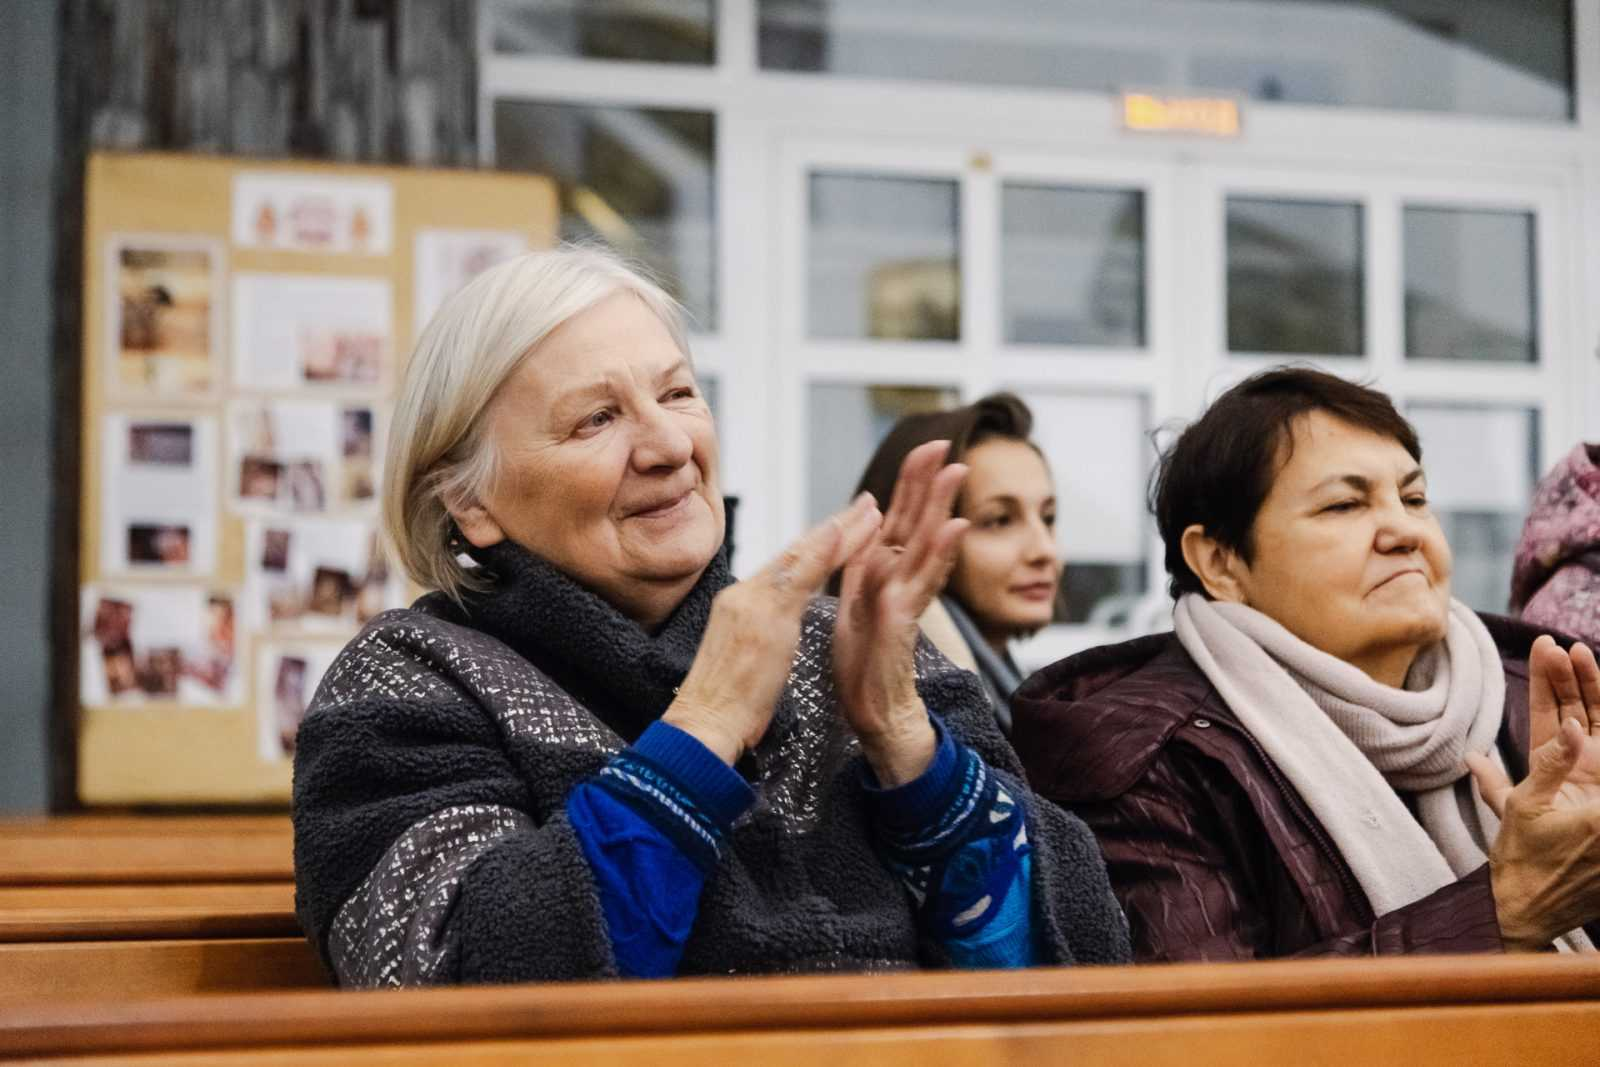 Музыка в храме КОНЦЕРТ «МАСТЕРА БАРОККО» 26.10.2019 22